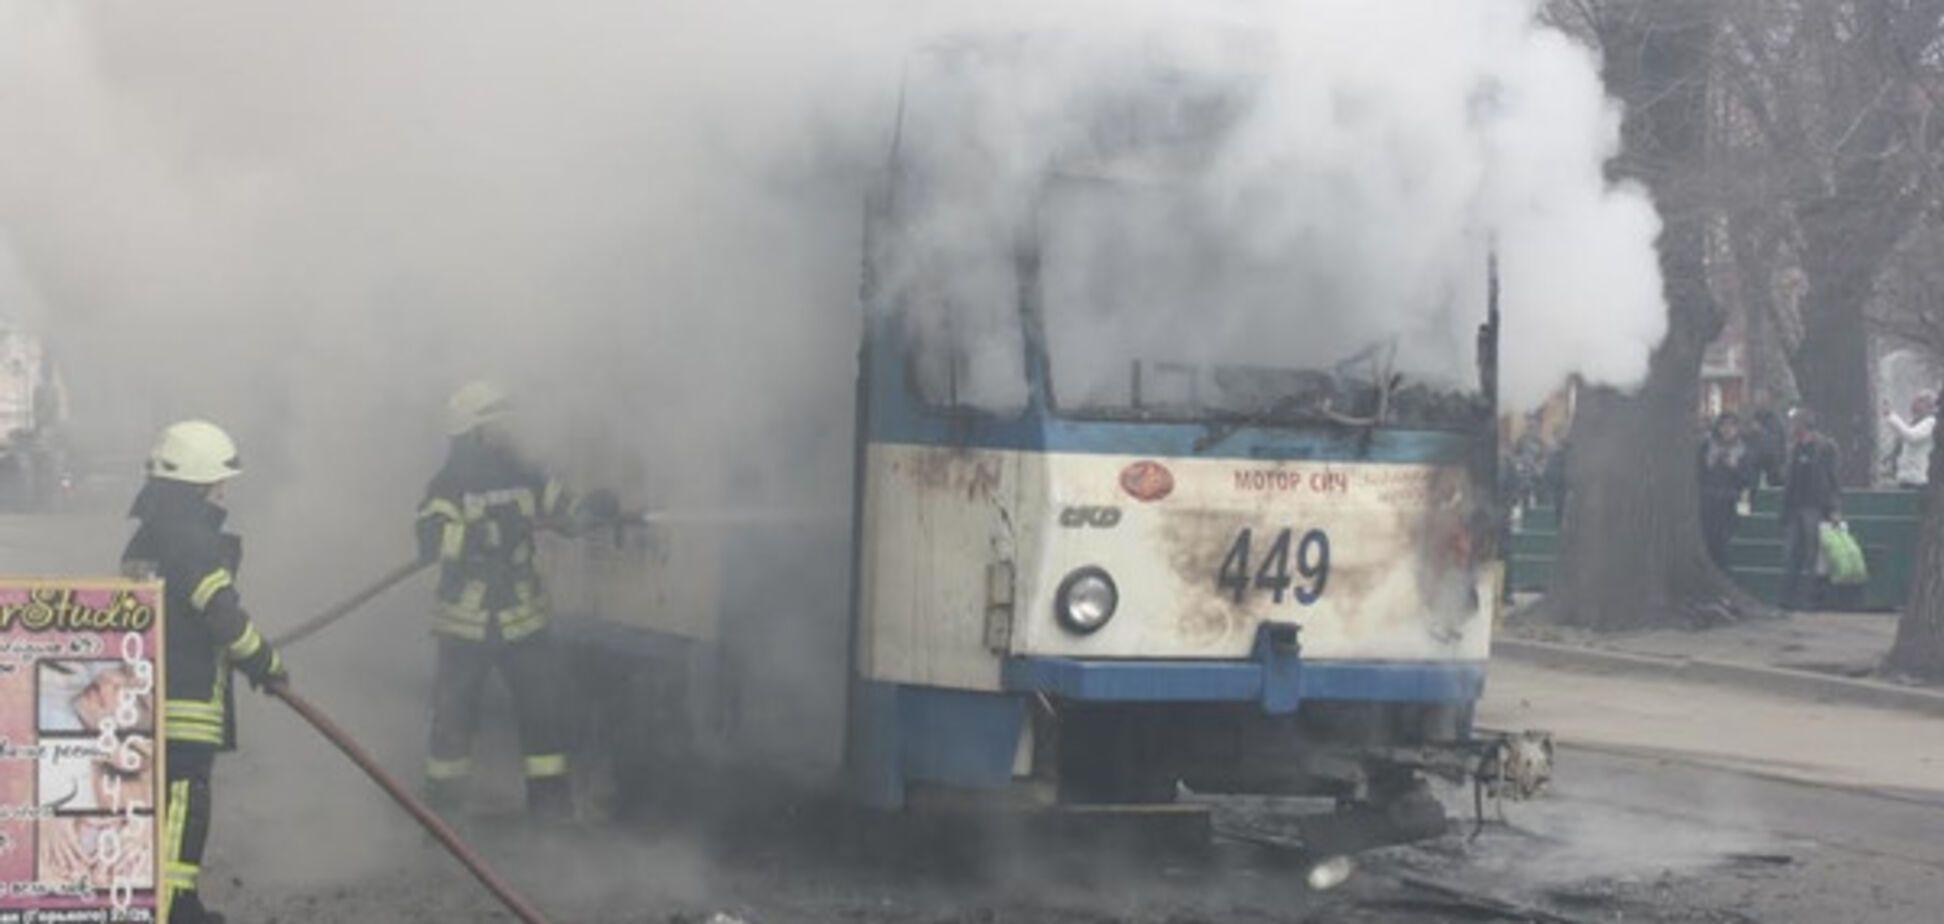 Подробности пожара в запорожском трамвае (ФОТО)